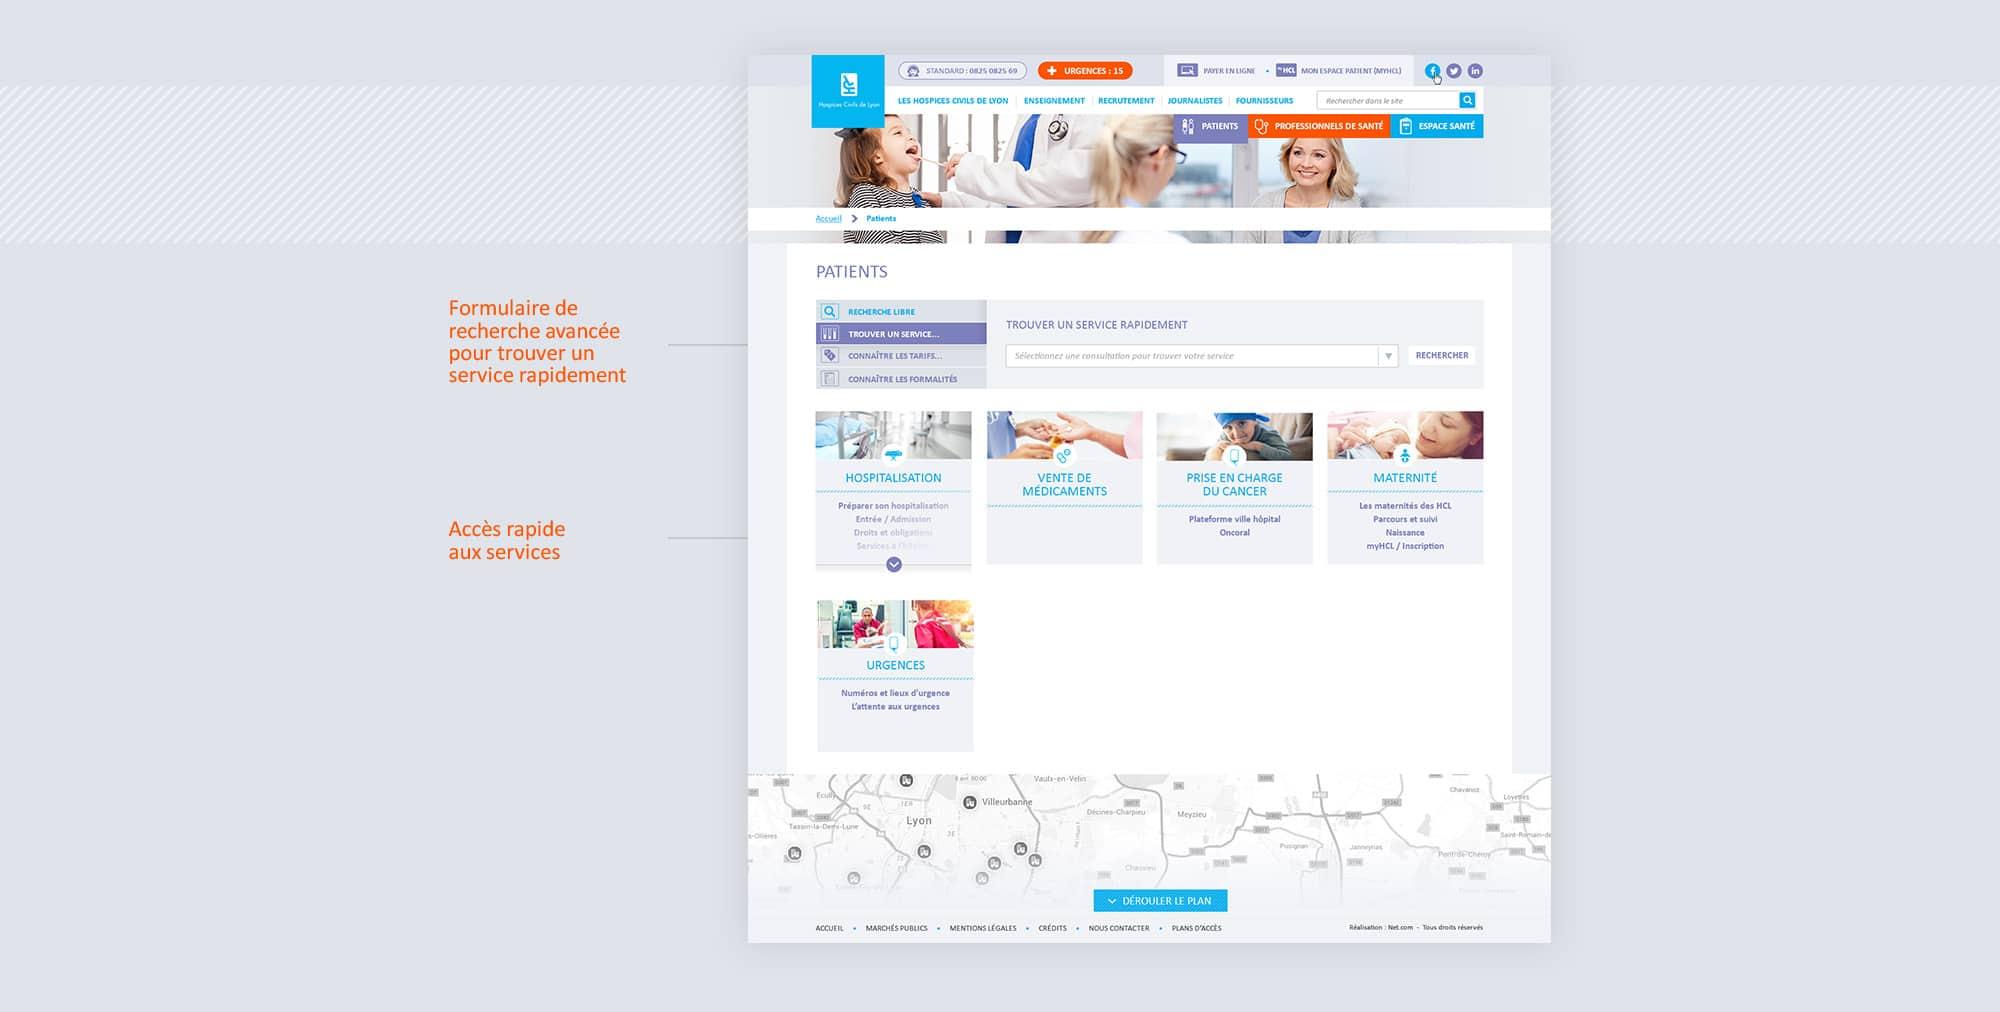 Webdesign de l'annuaire de l'hôpital